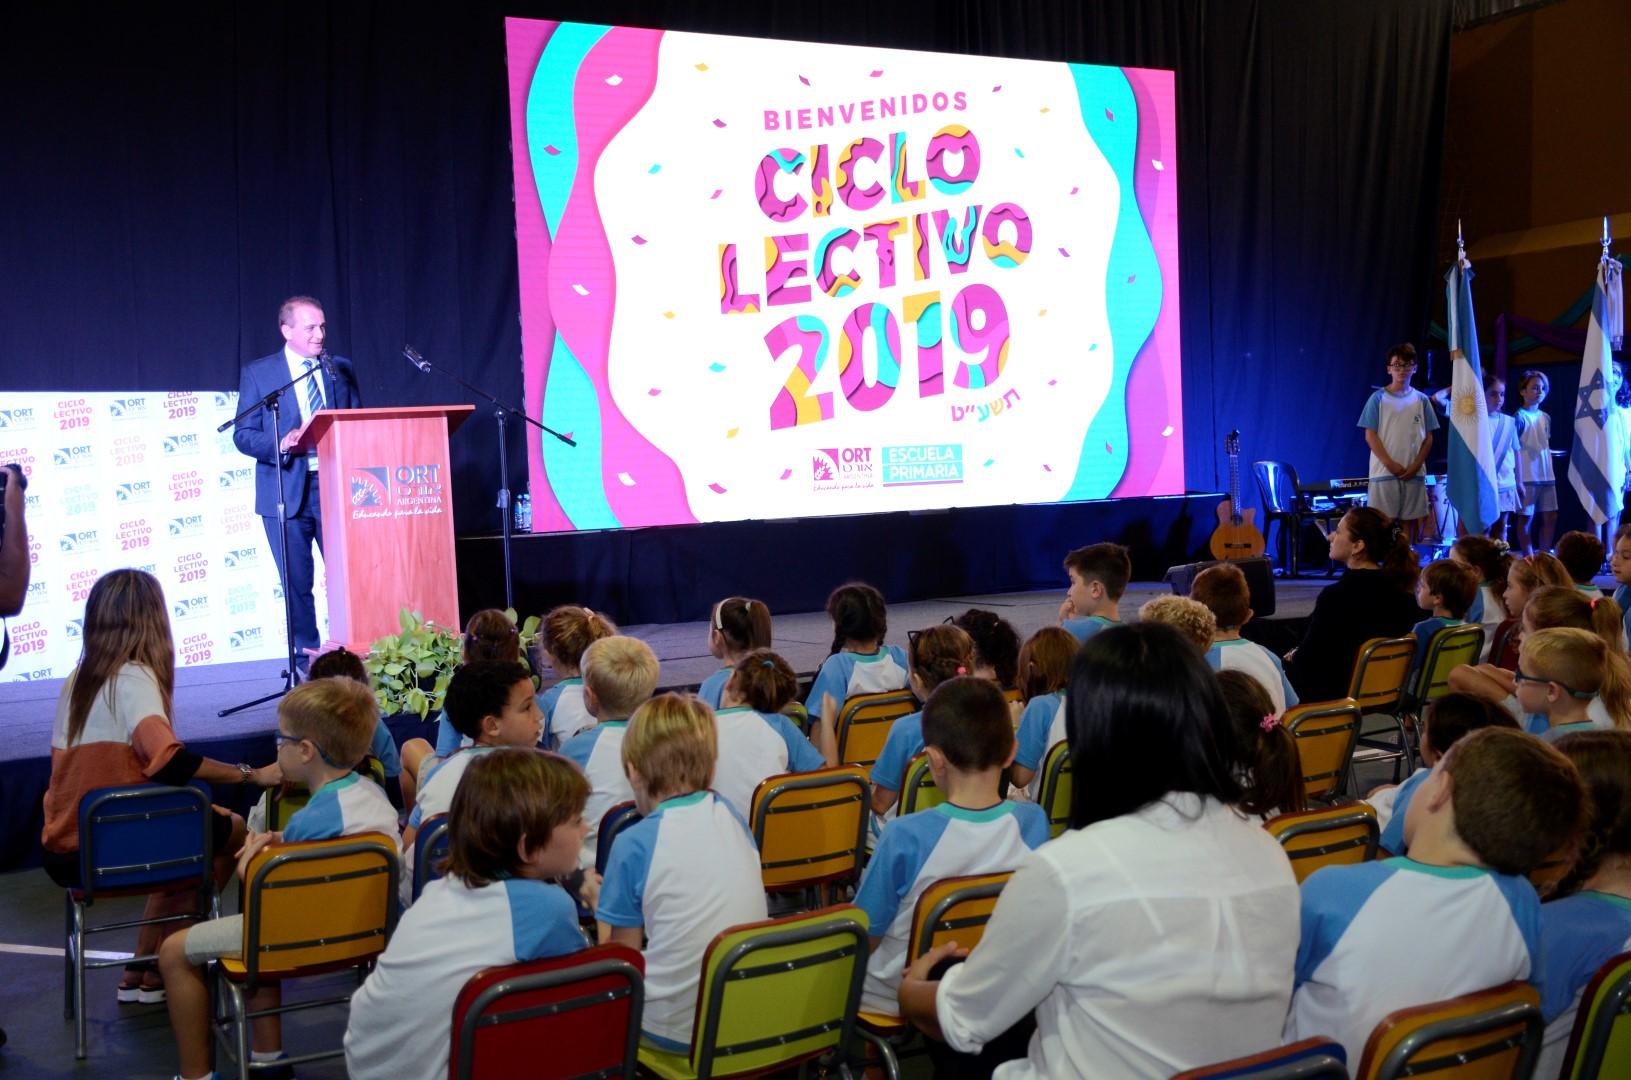 Grandes expectativas y mucha emoción en el inicio del ciclo lectivo 2019 de la Escuela Primaria